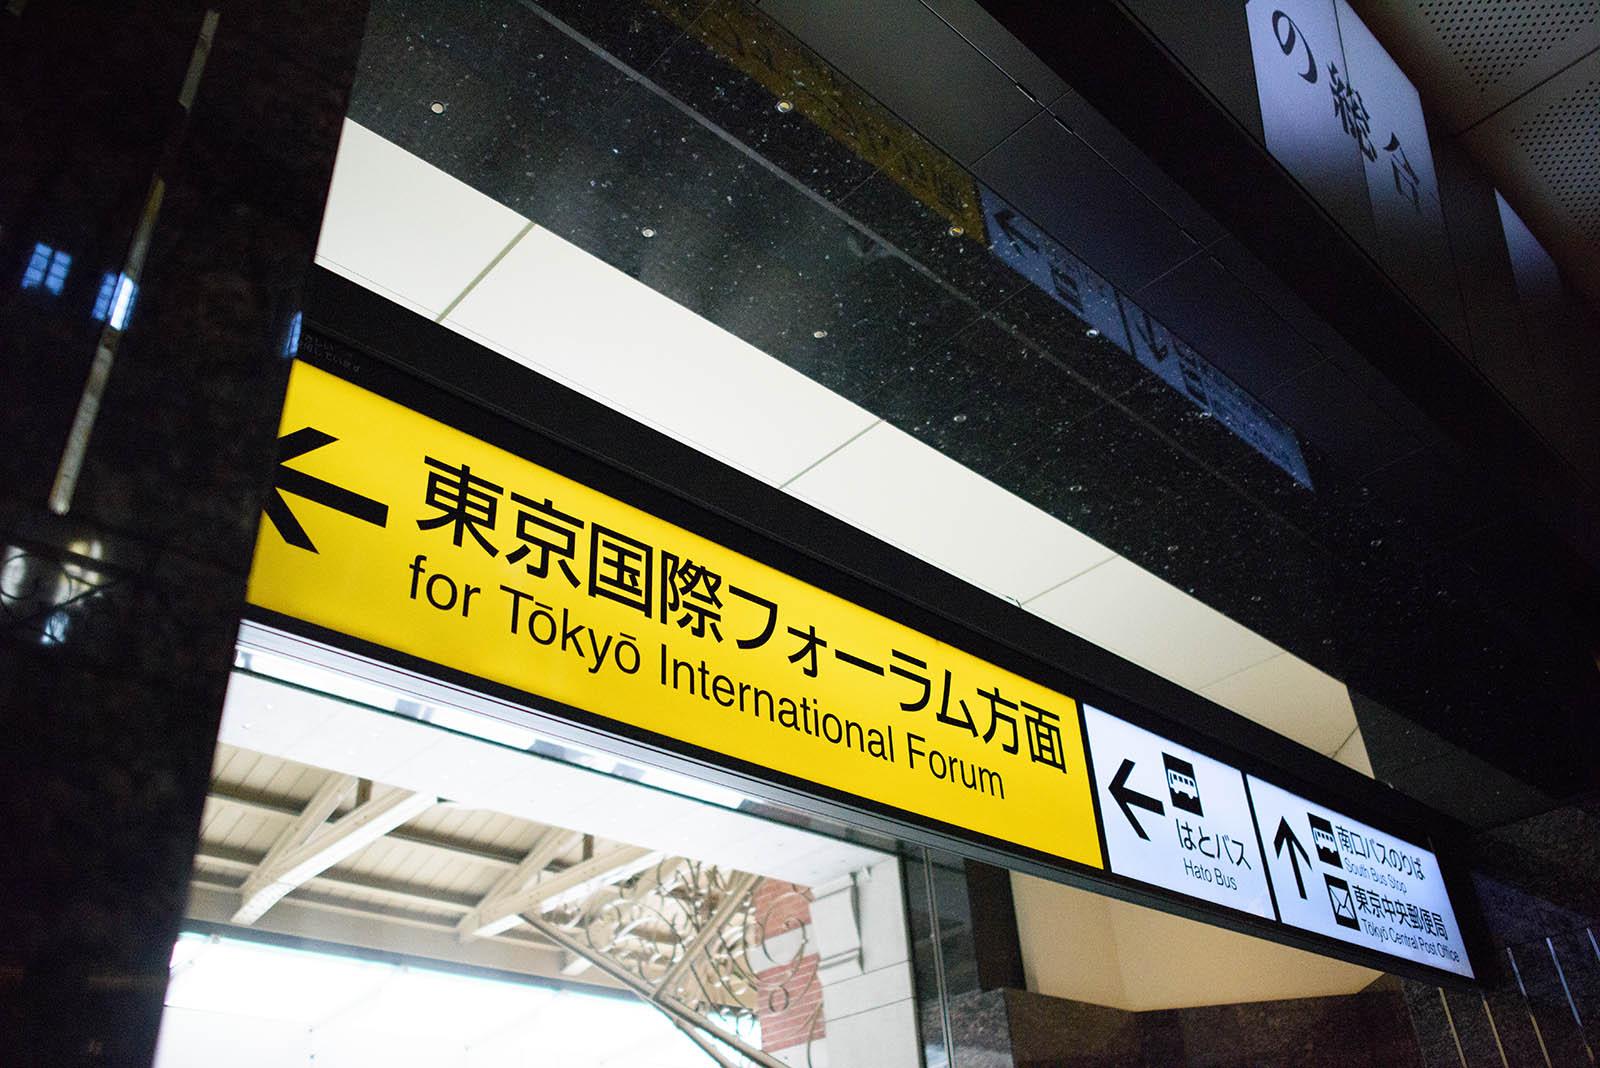 東京ロビーへの行き方・東京国際フォーラム方面へ向かう